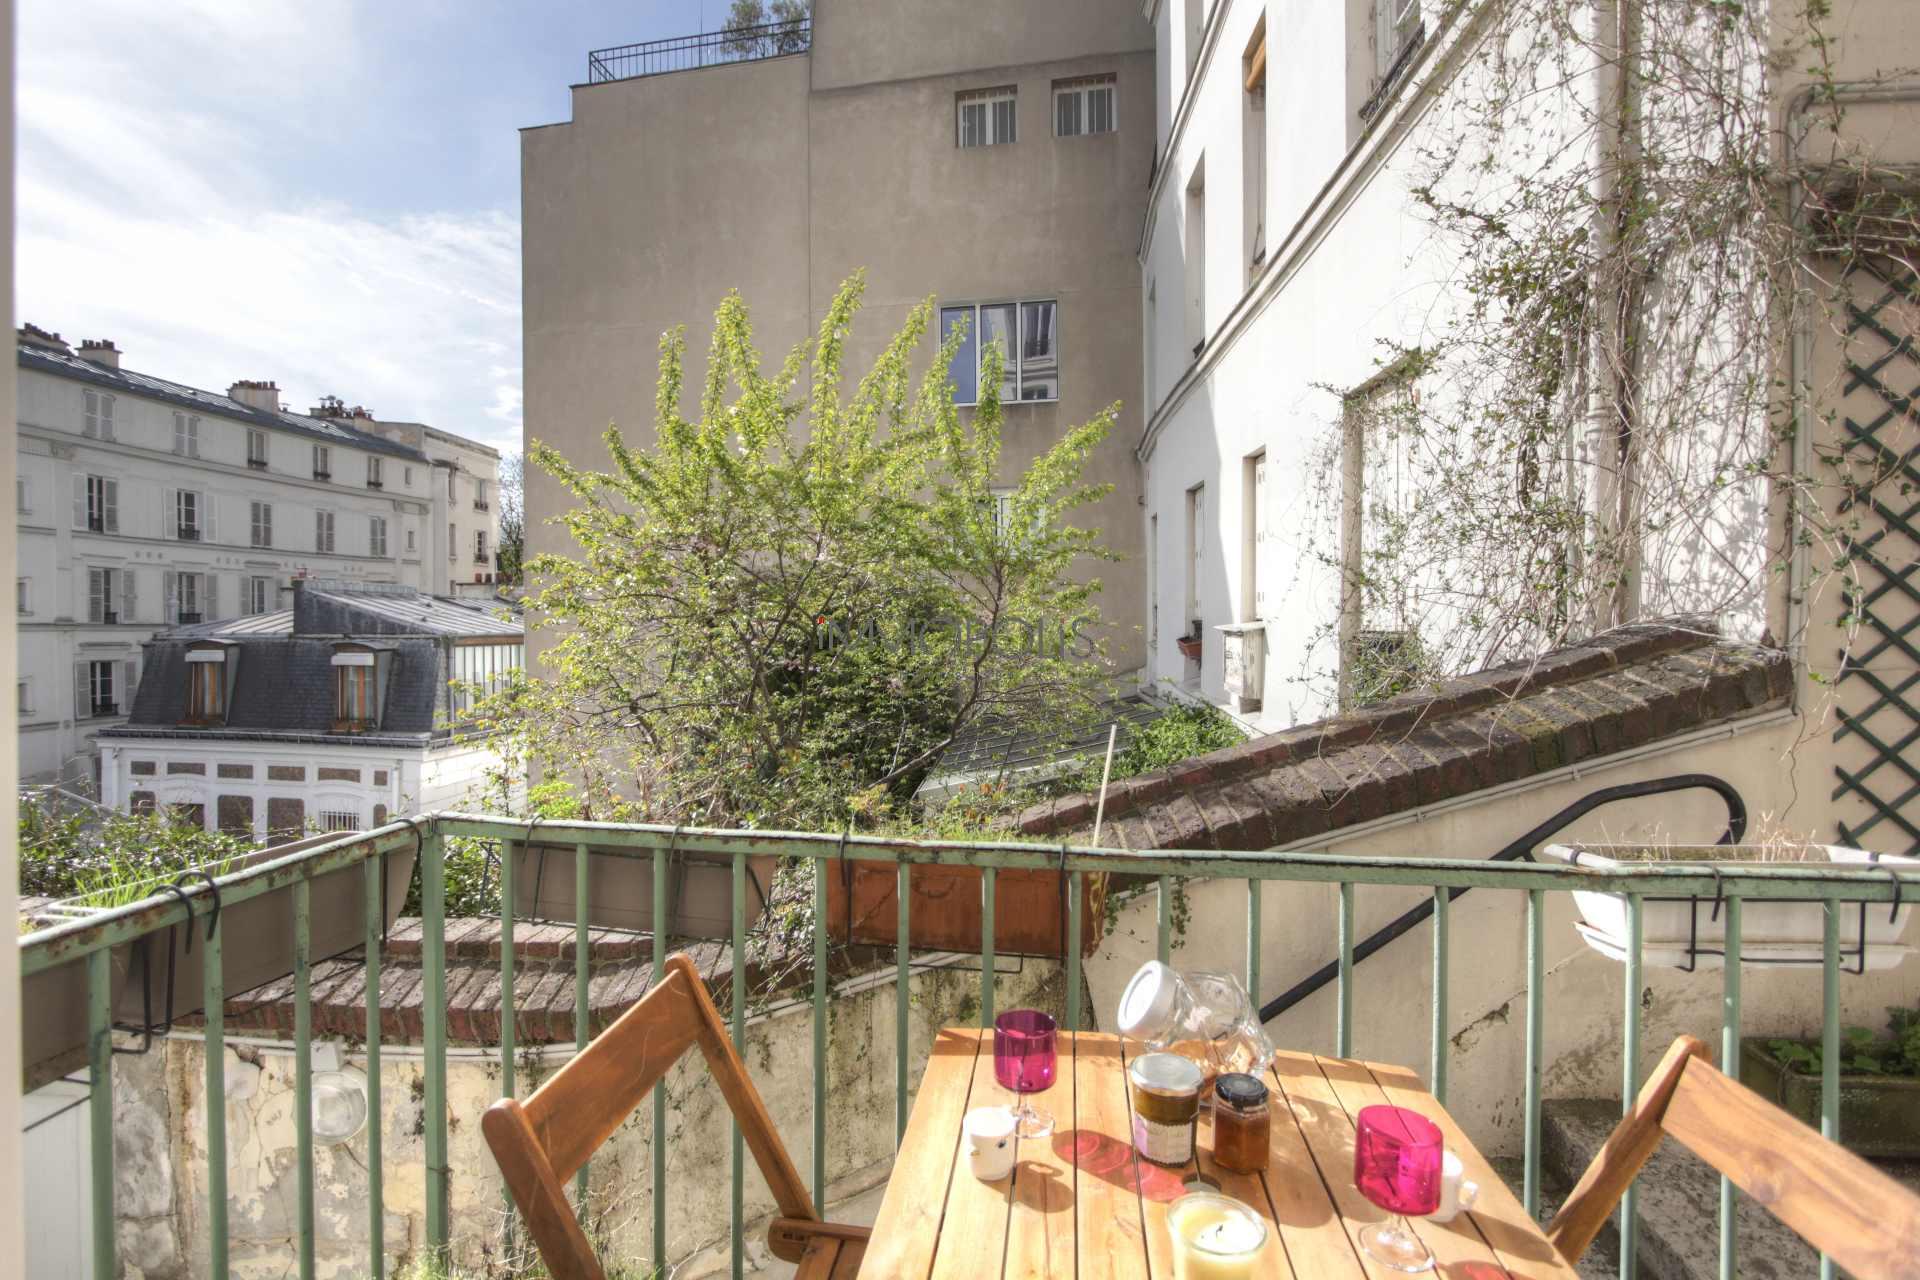 Exceptionnel à Montmartre (rue Gabrielle) : open space refait à neuf, prestations somptueuses, avec balcon et vue dégagée ! 2